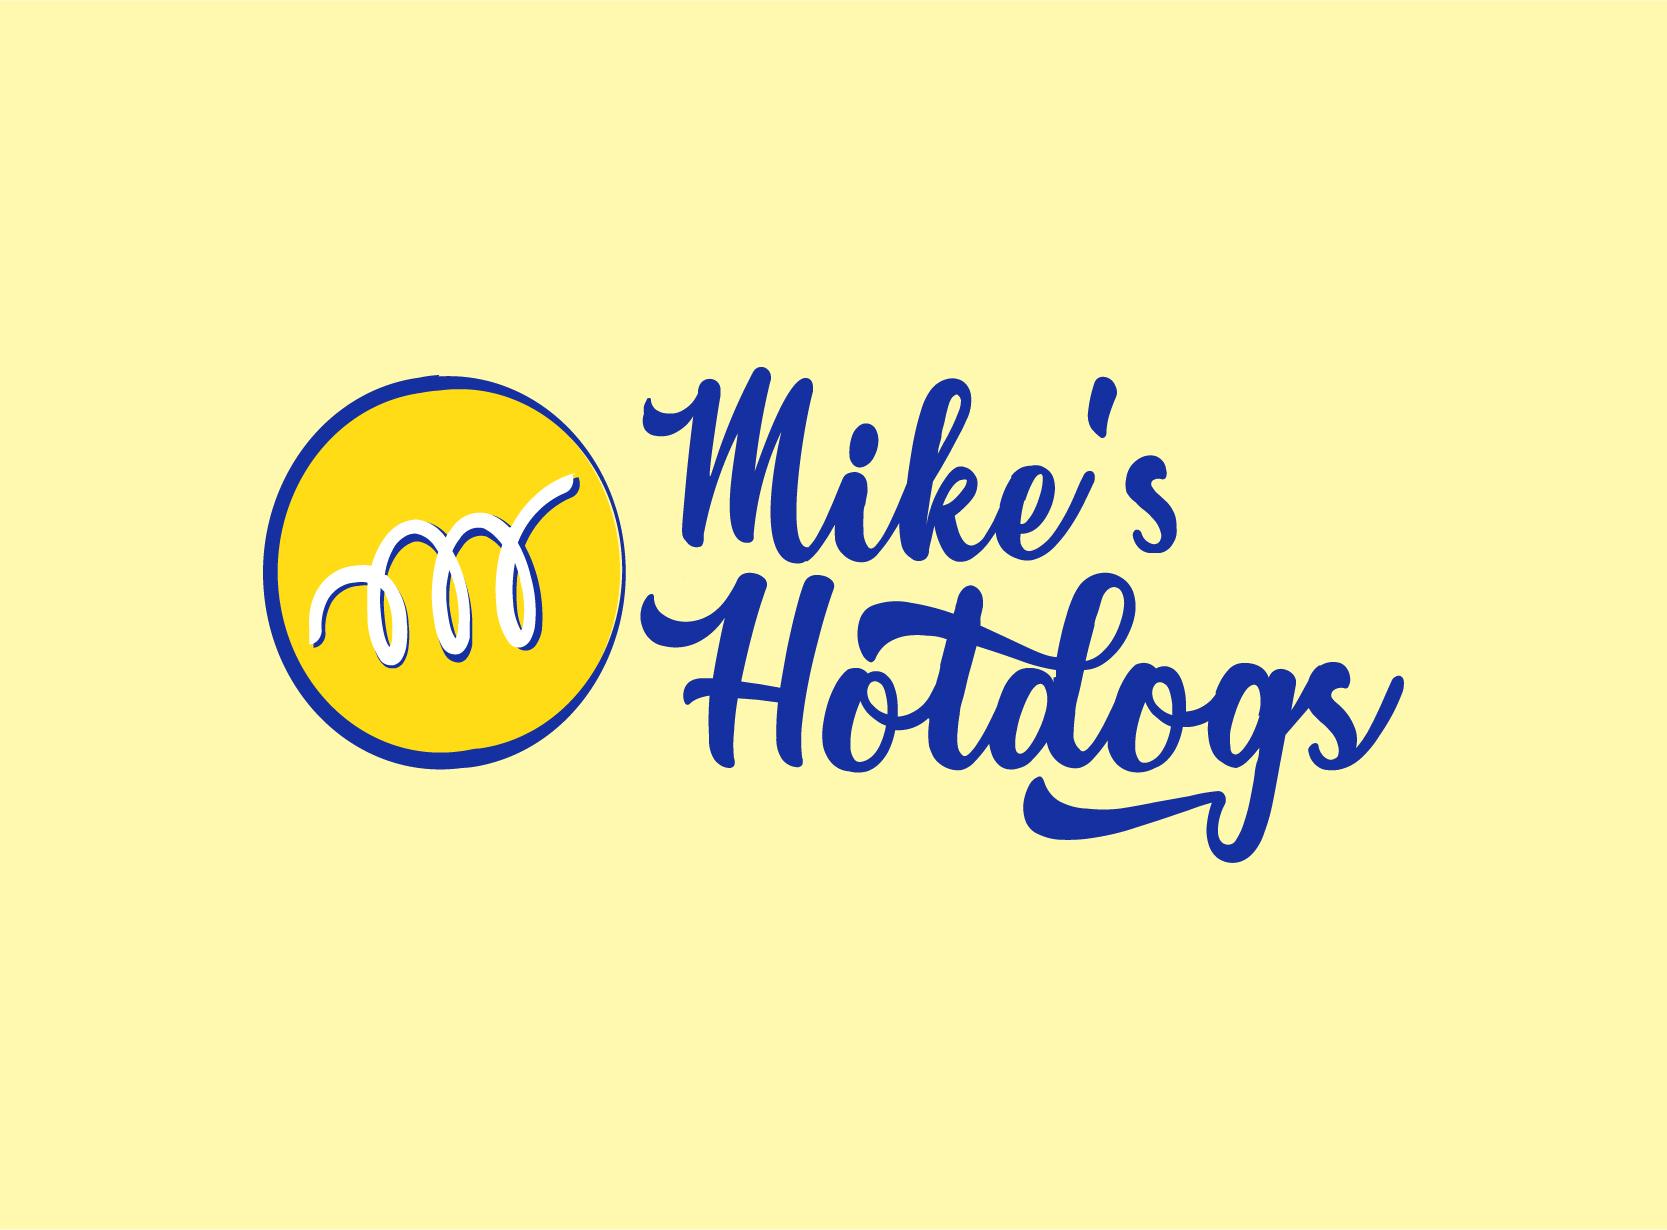 logo design services Mikes hotdog